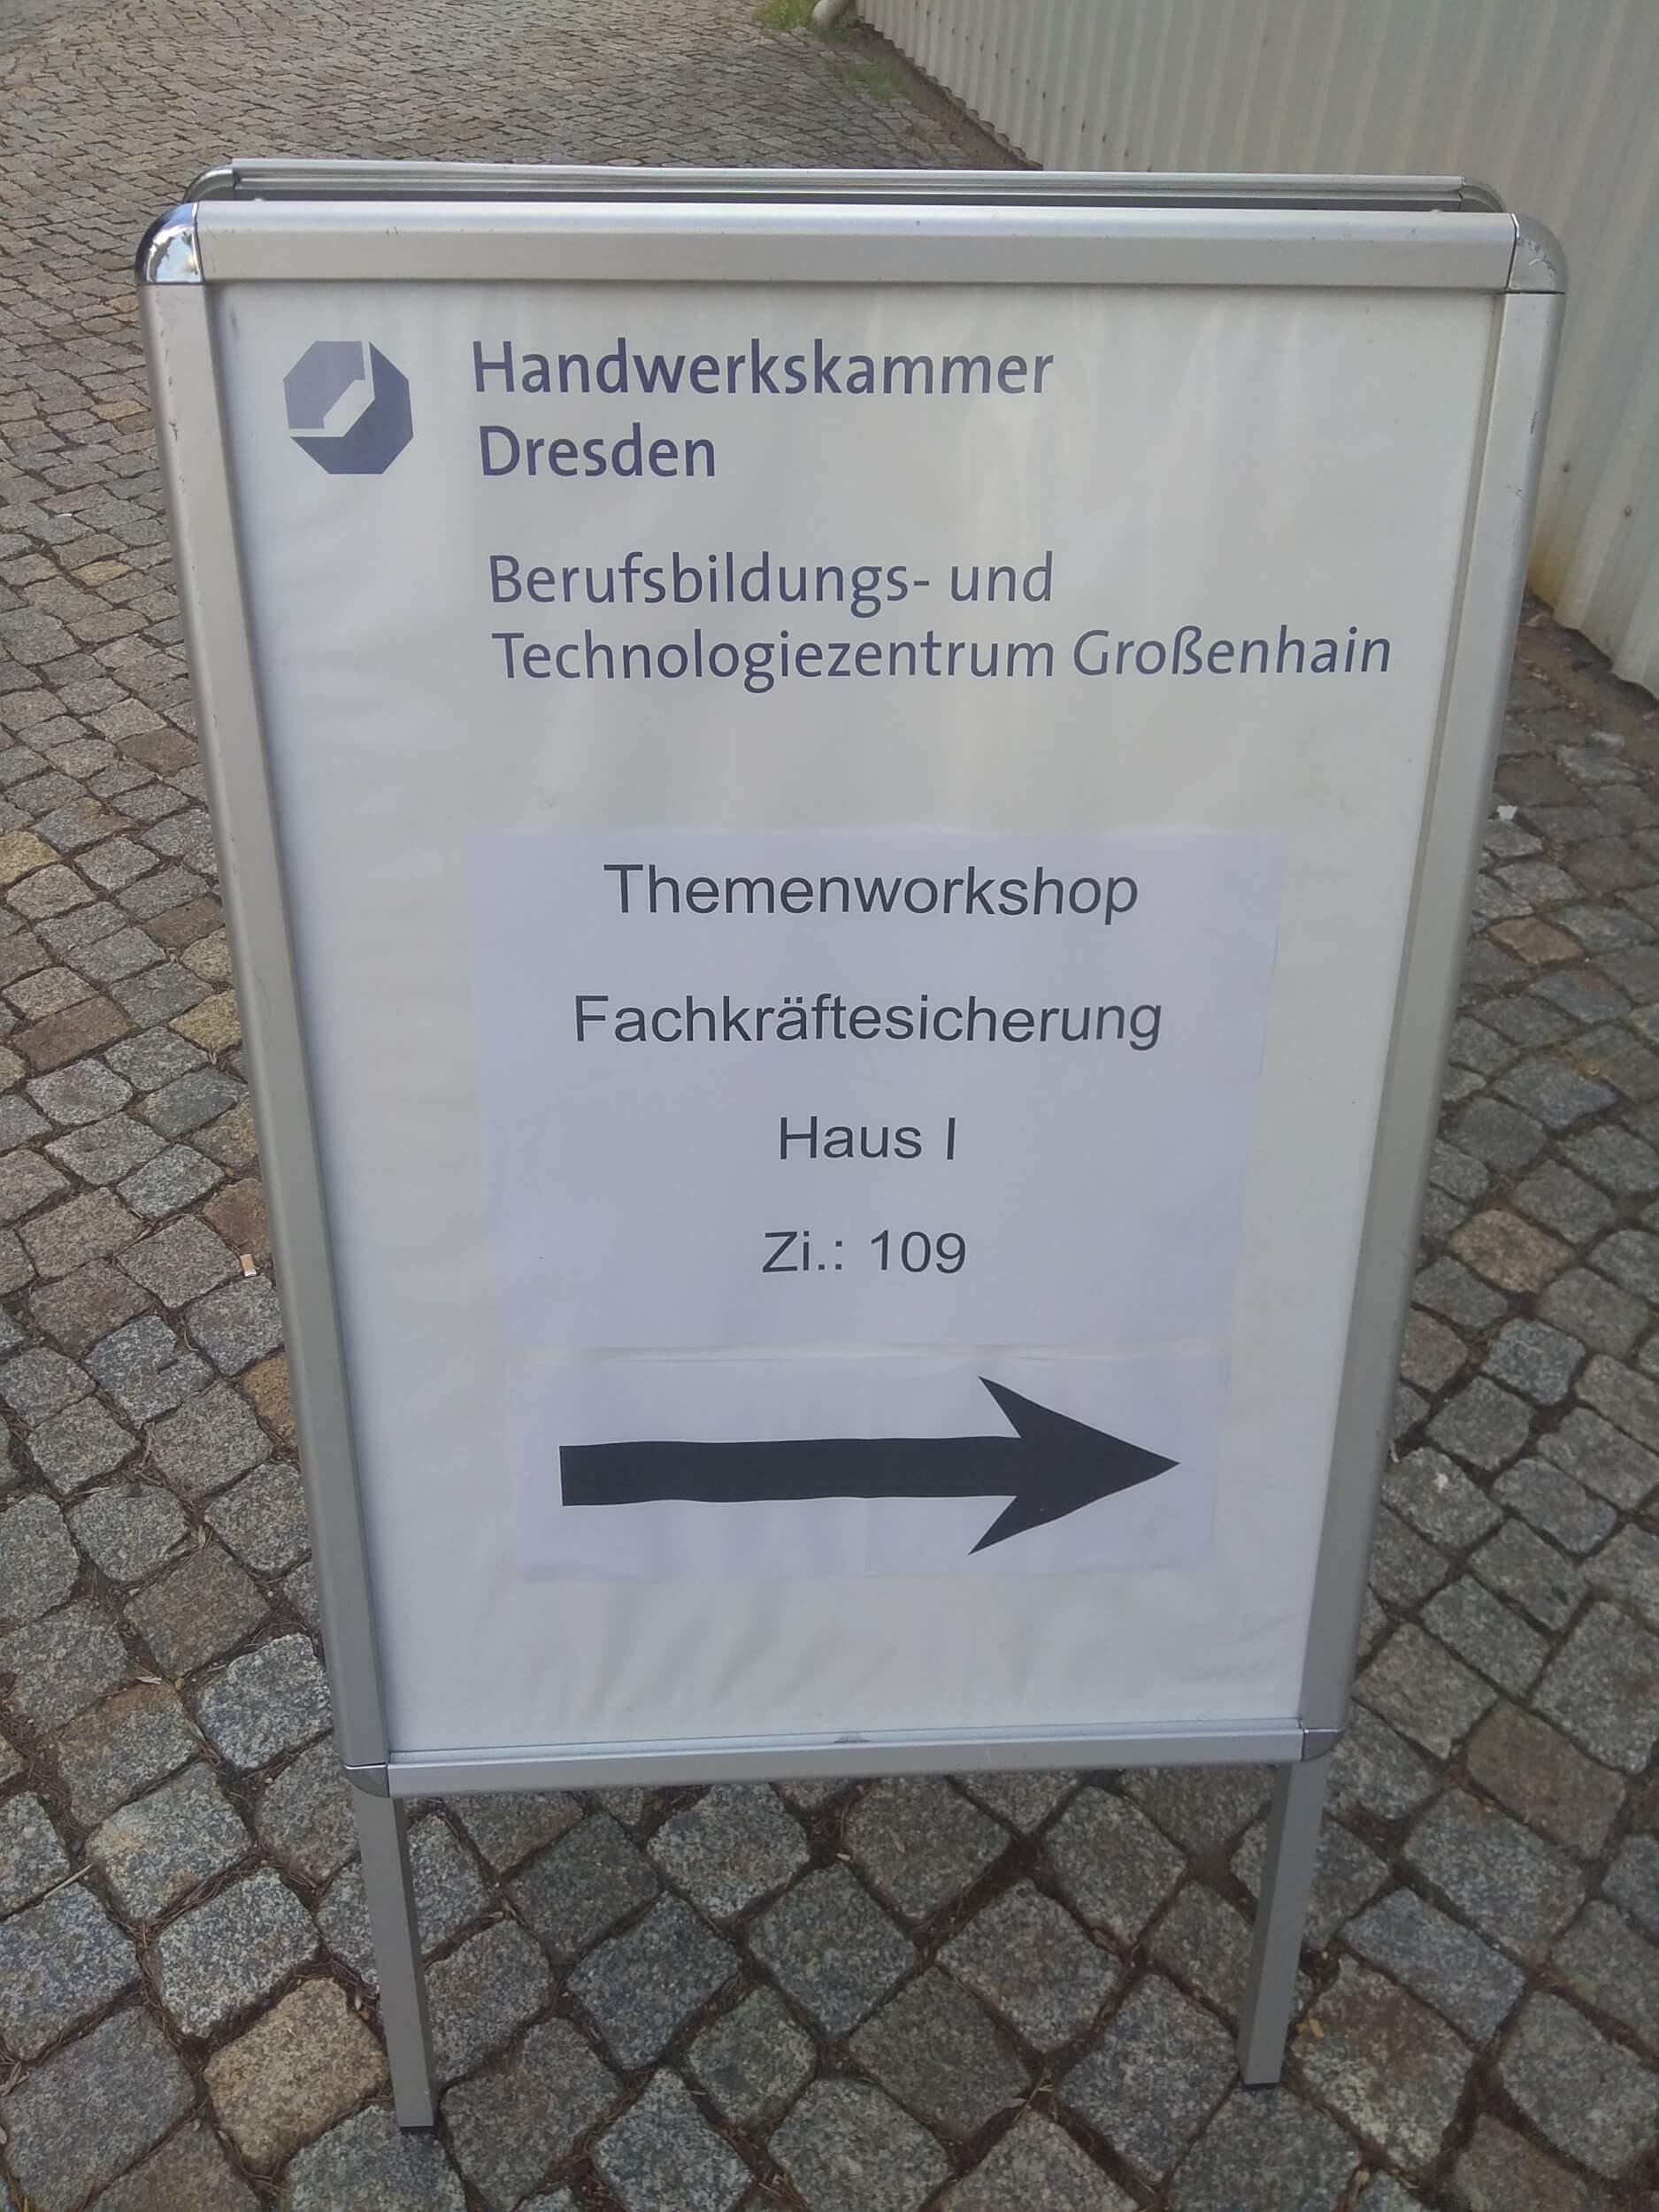 Netzwerken beruflich - Kaffee trinken und mehr für eine funktionierende Fachkräftesicherung im Berufsschulzentrum der Handwerksammer in Großenhain (c) familienfreund.de